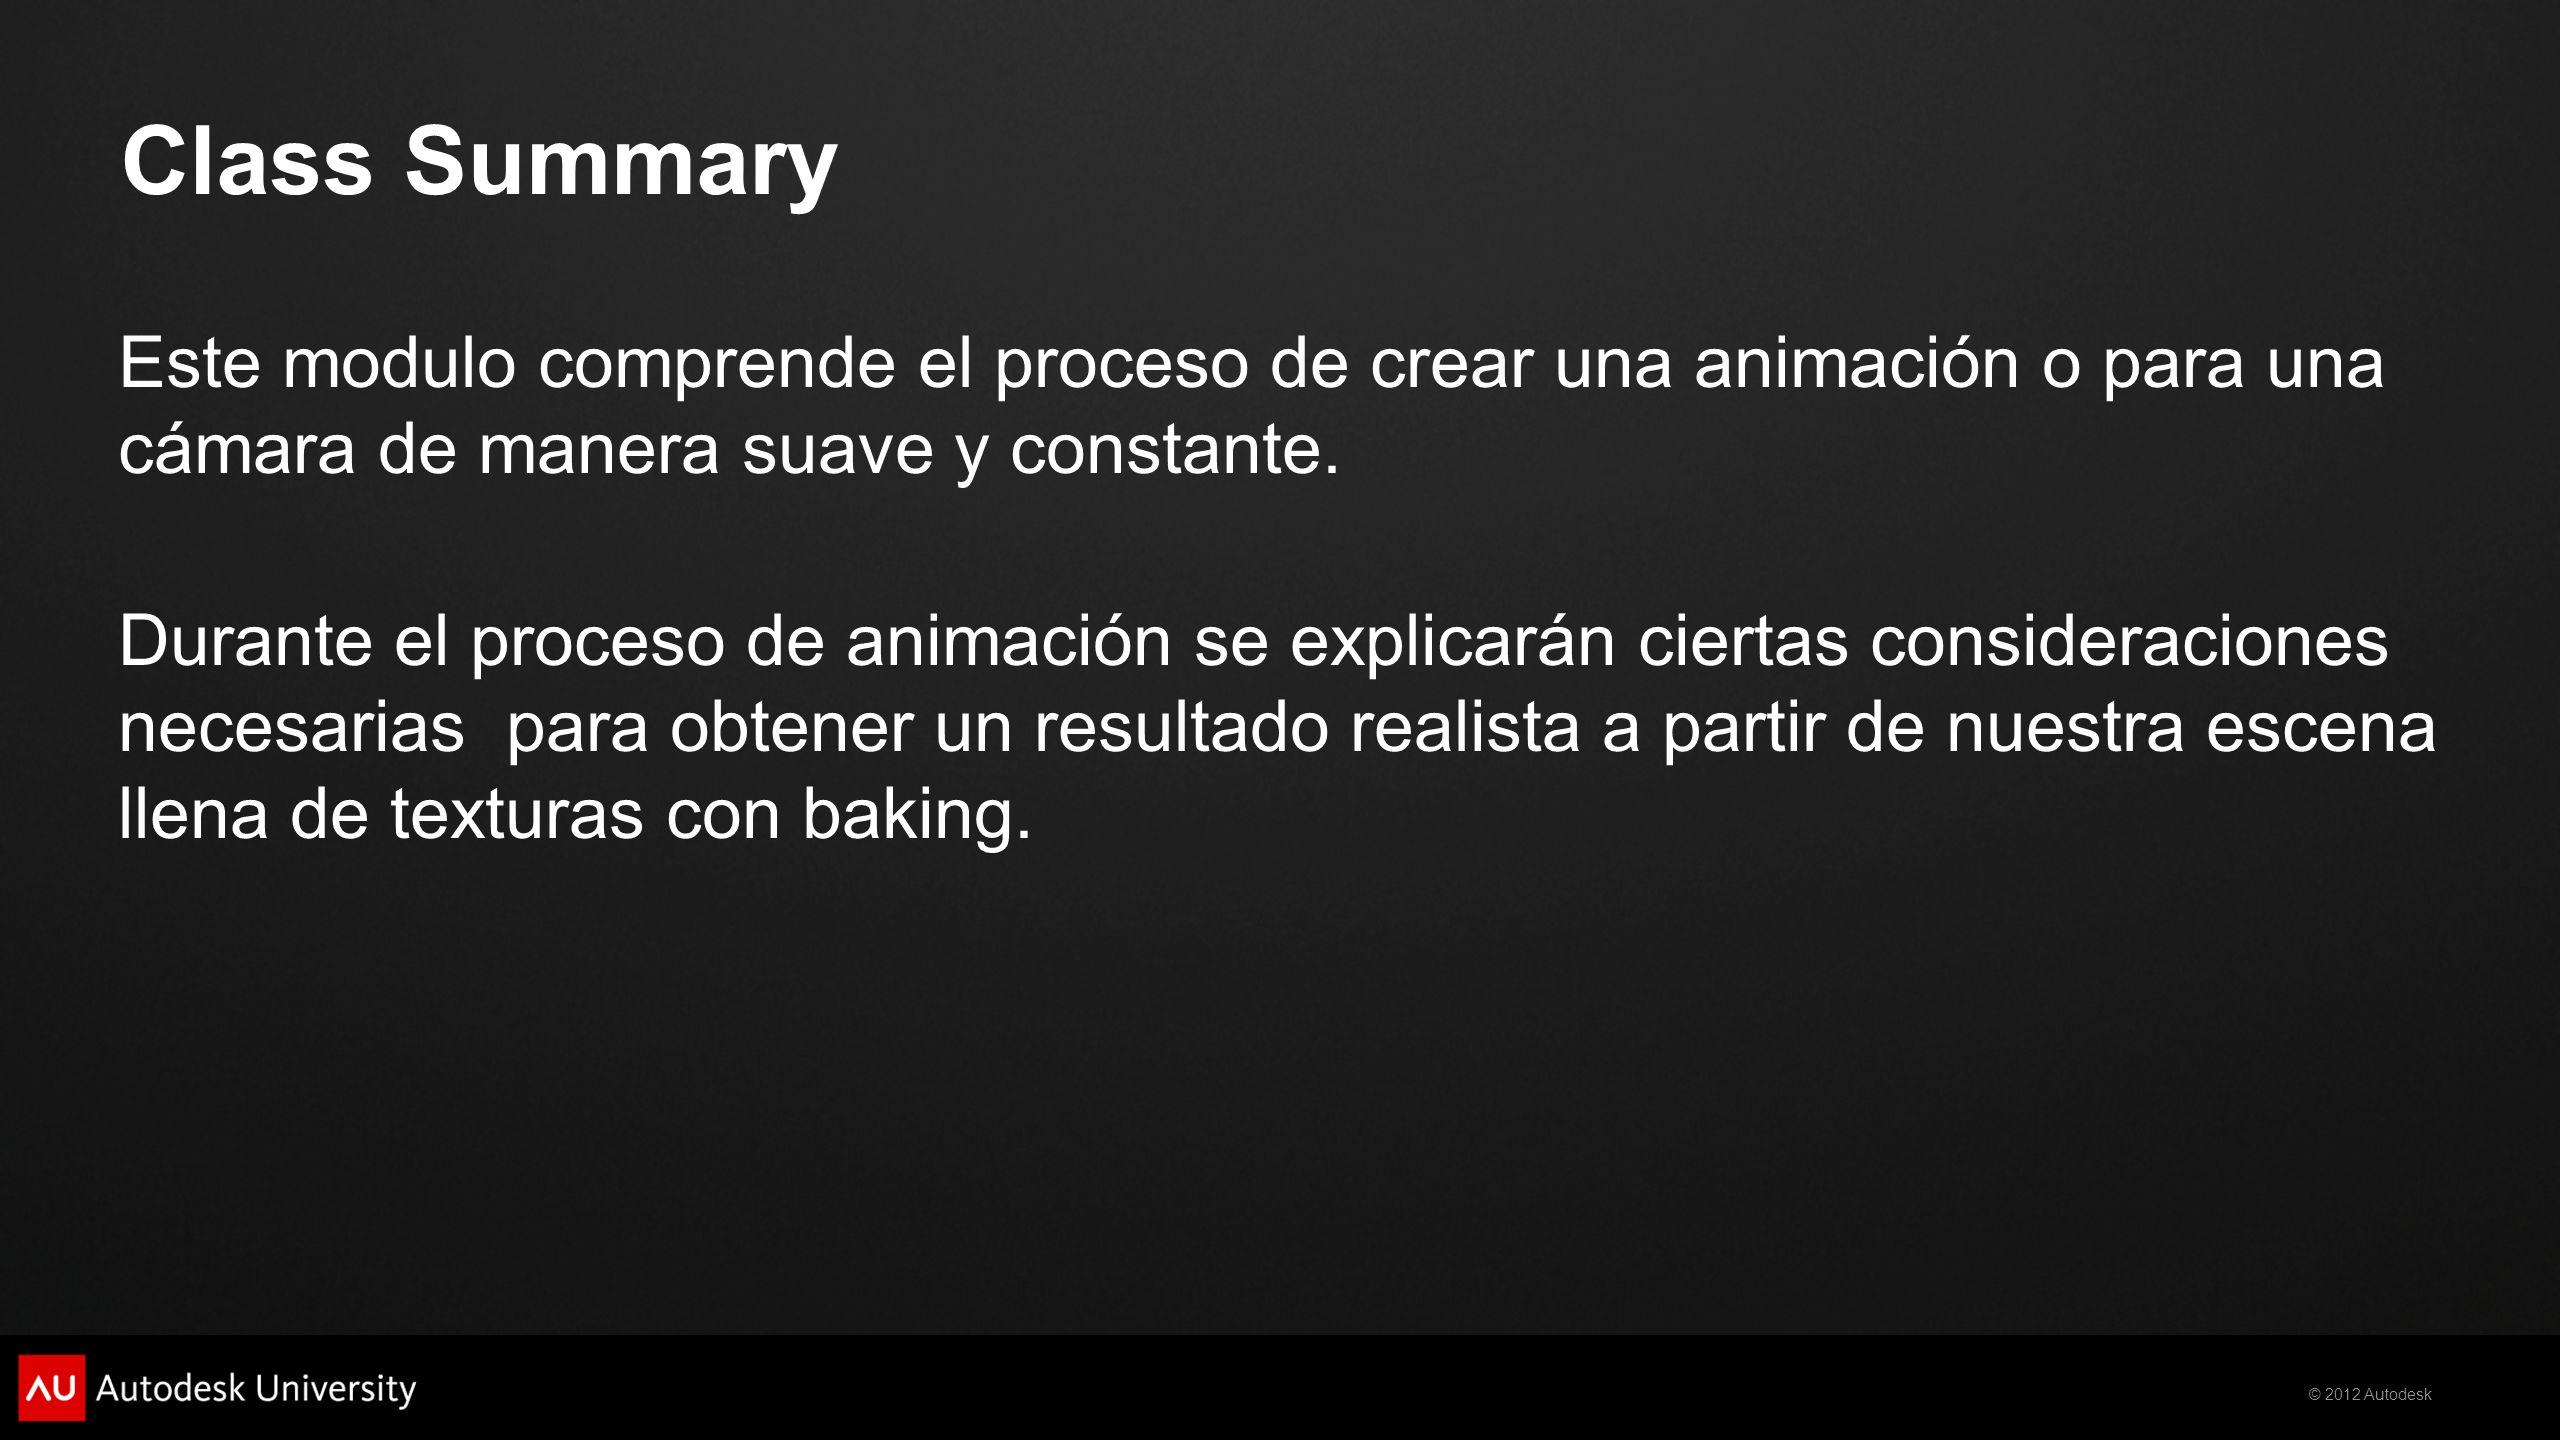 Class SummaryEste modulo comprende el proceso de crear una animación o para una cámara de manera suave y constante.